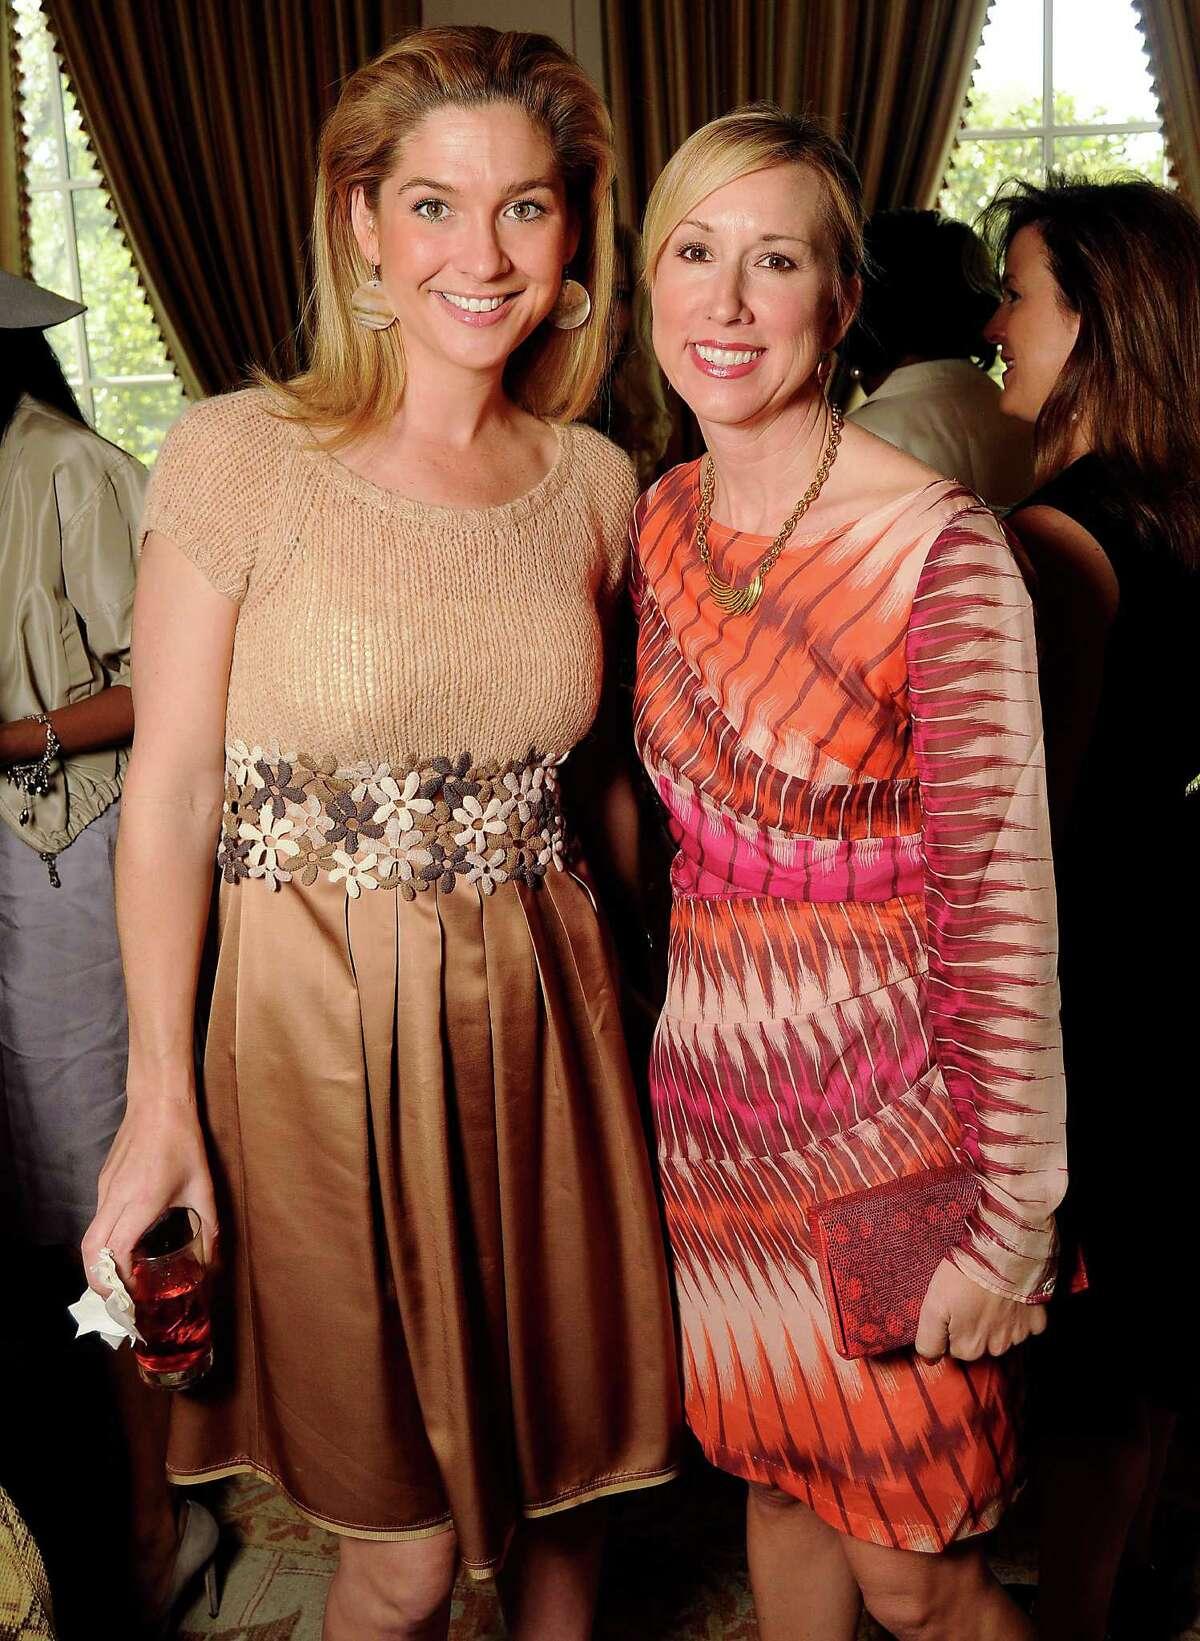 Lisa Oren, left, and Caroline Finkelstein